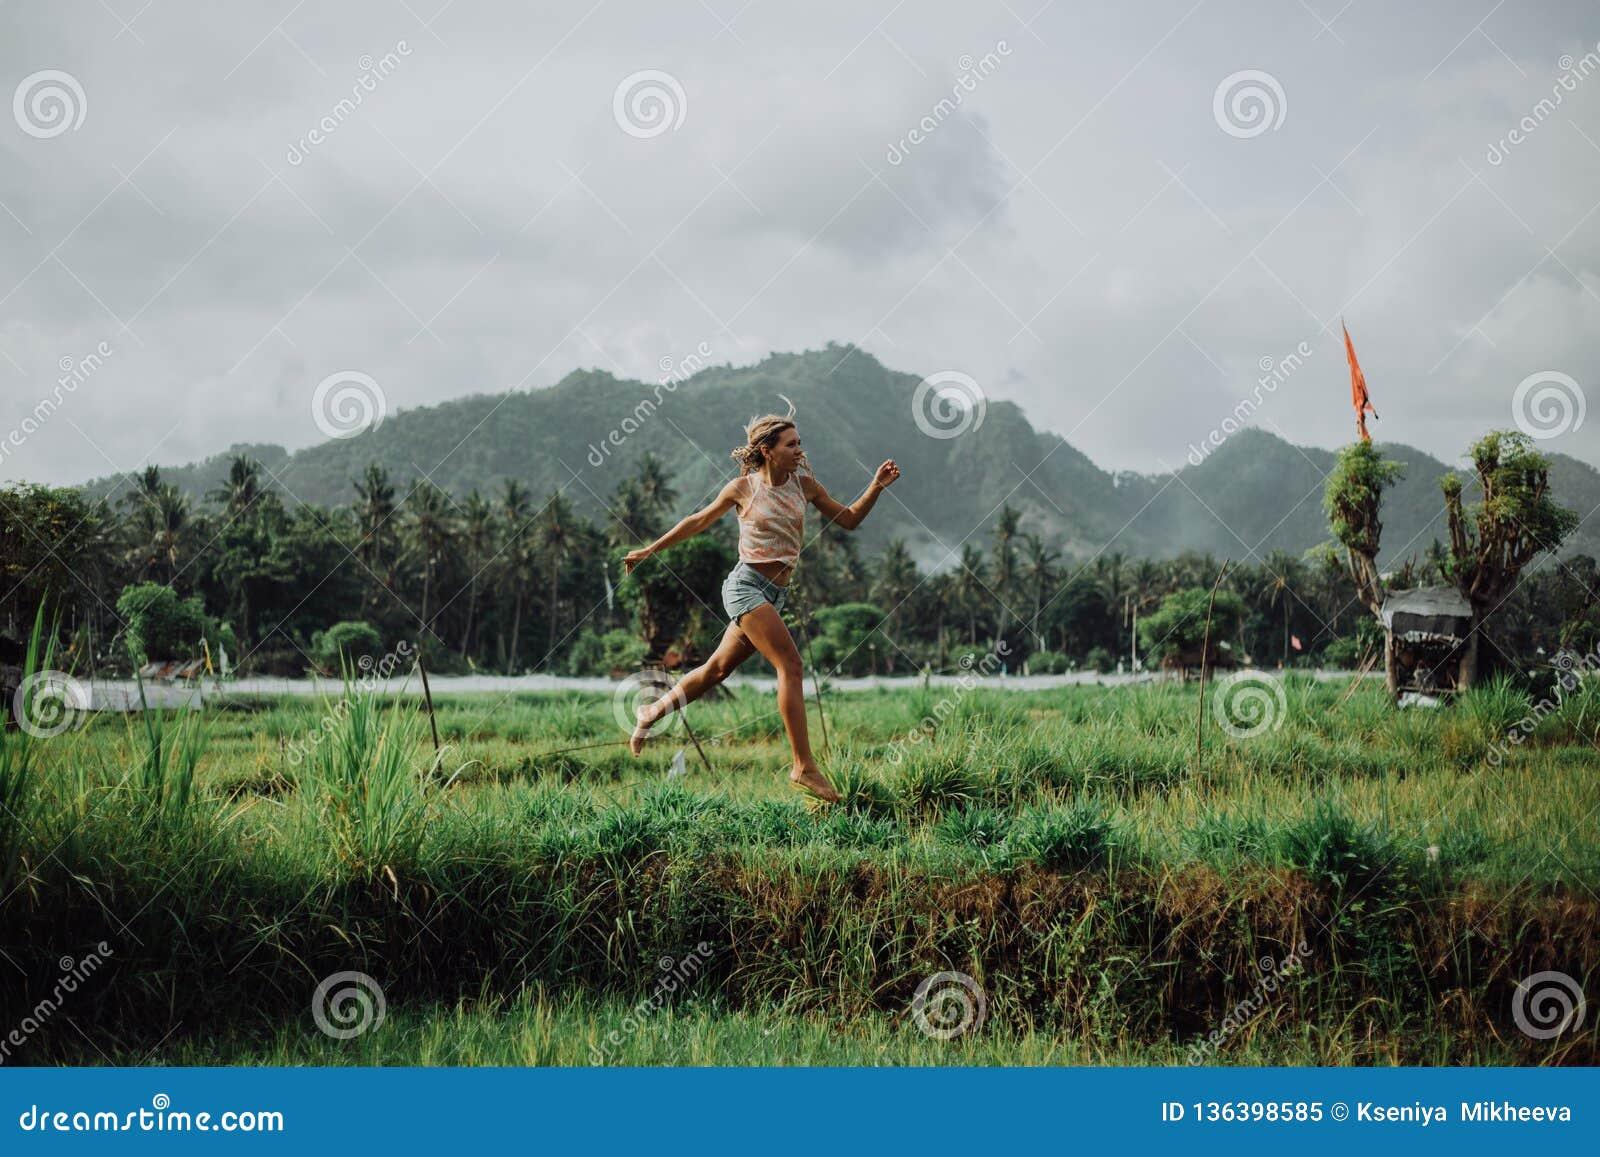 Schönes Mädchen springen, die unglaublichen Reisfelder, ein Vulkan im Hintergrund und die Berge Kühler Hintergrund glücklich